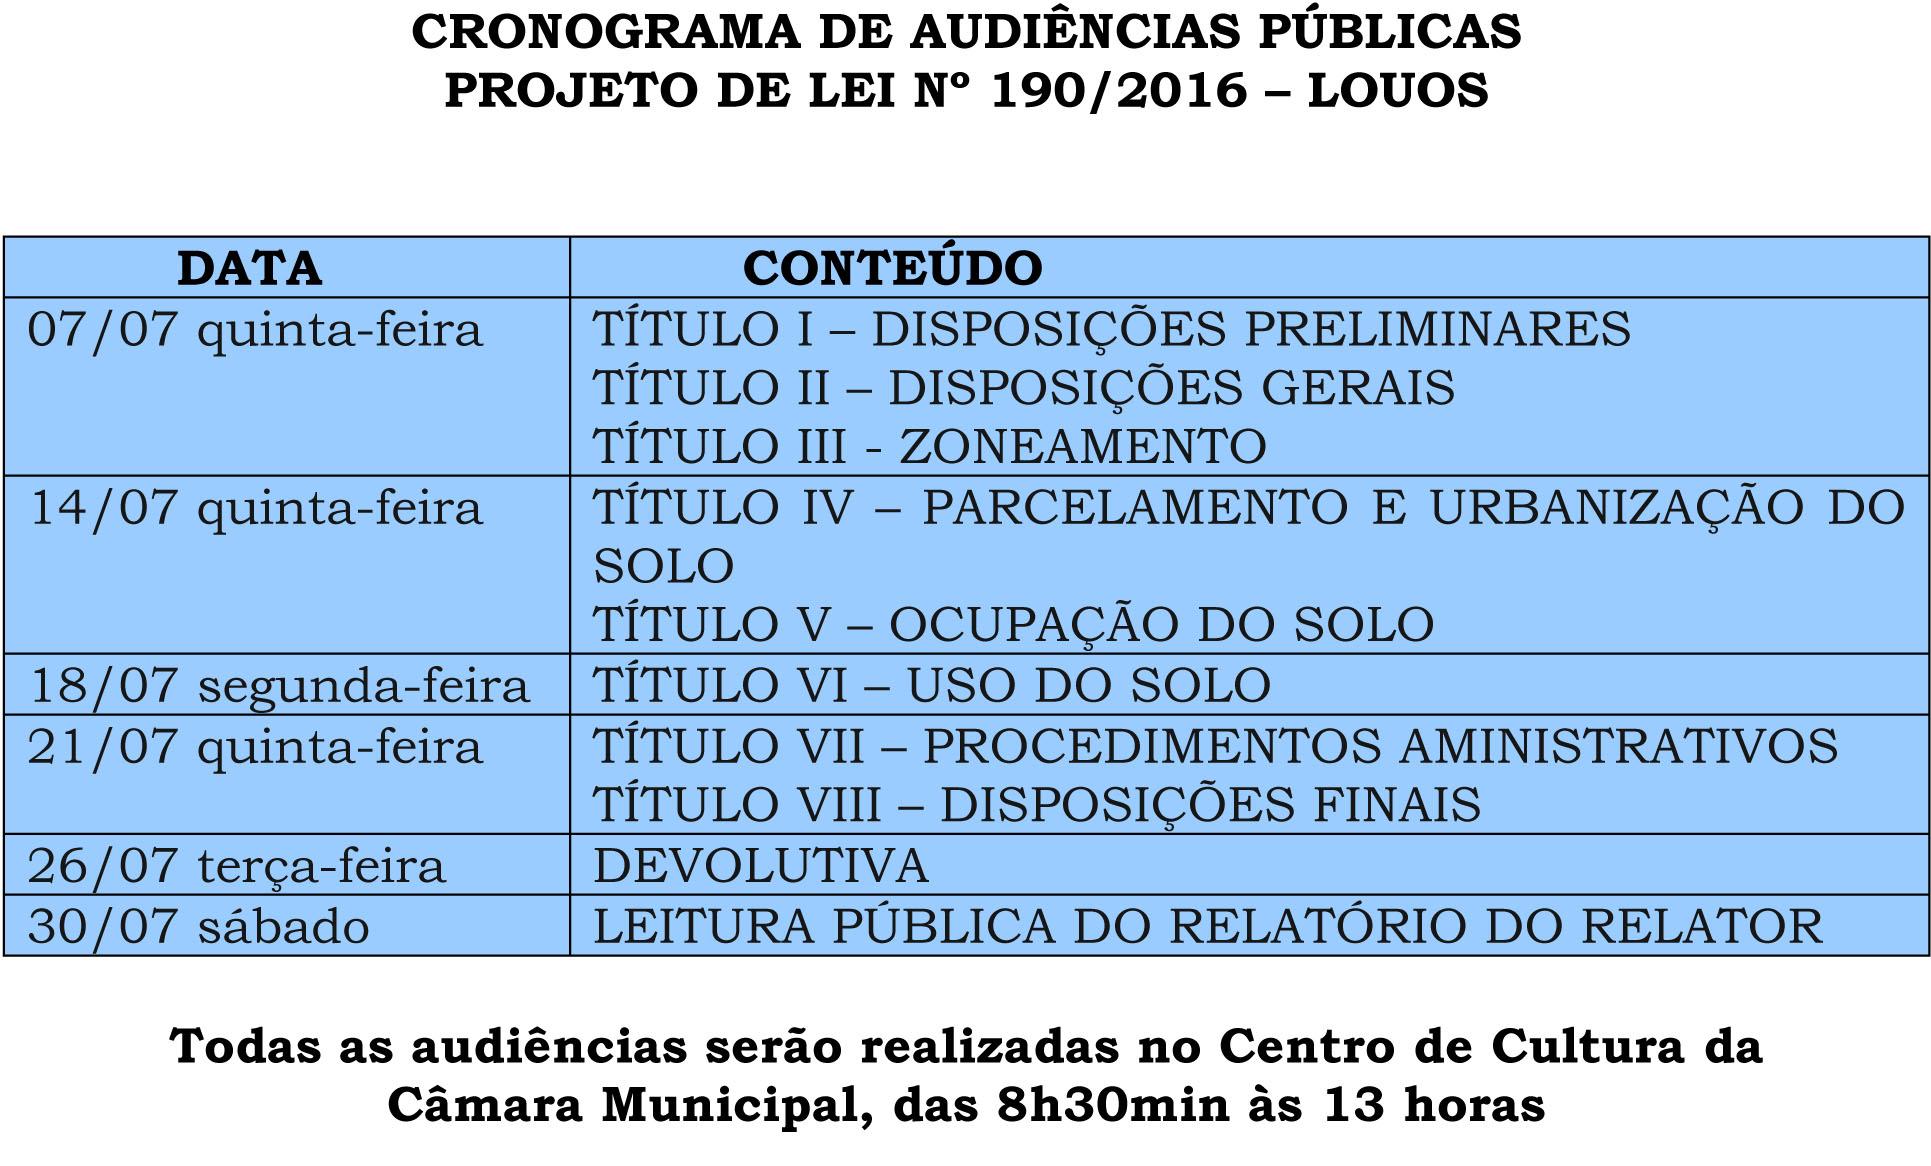 CRONOGRAMA DE AUDIÊNCIAS PÚBLICAS